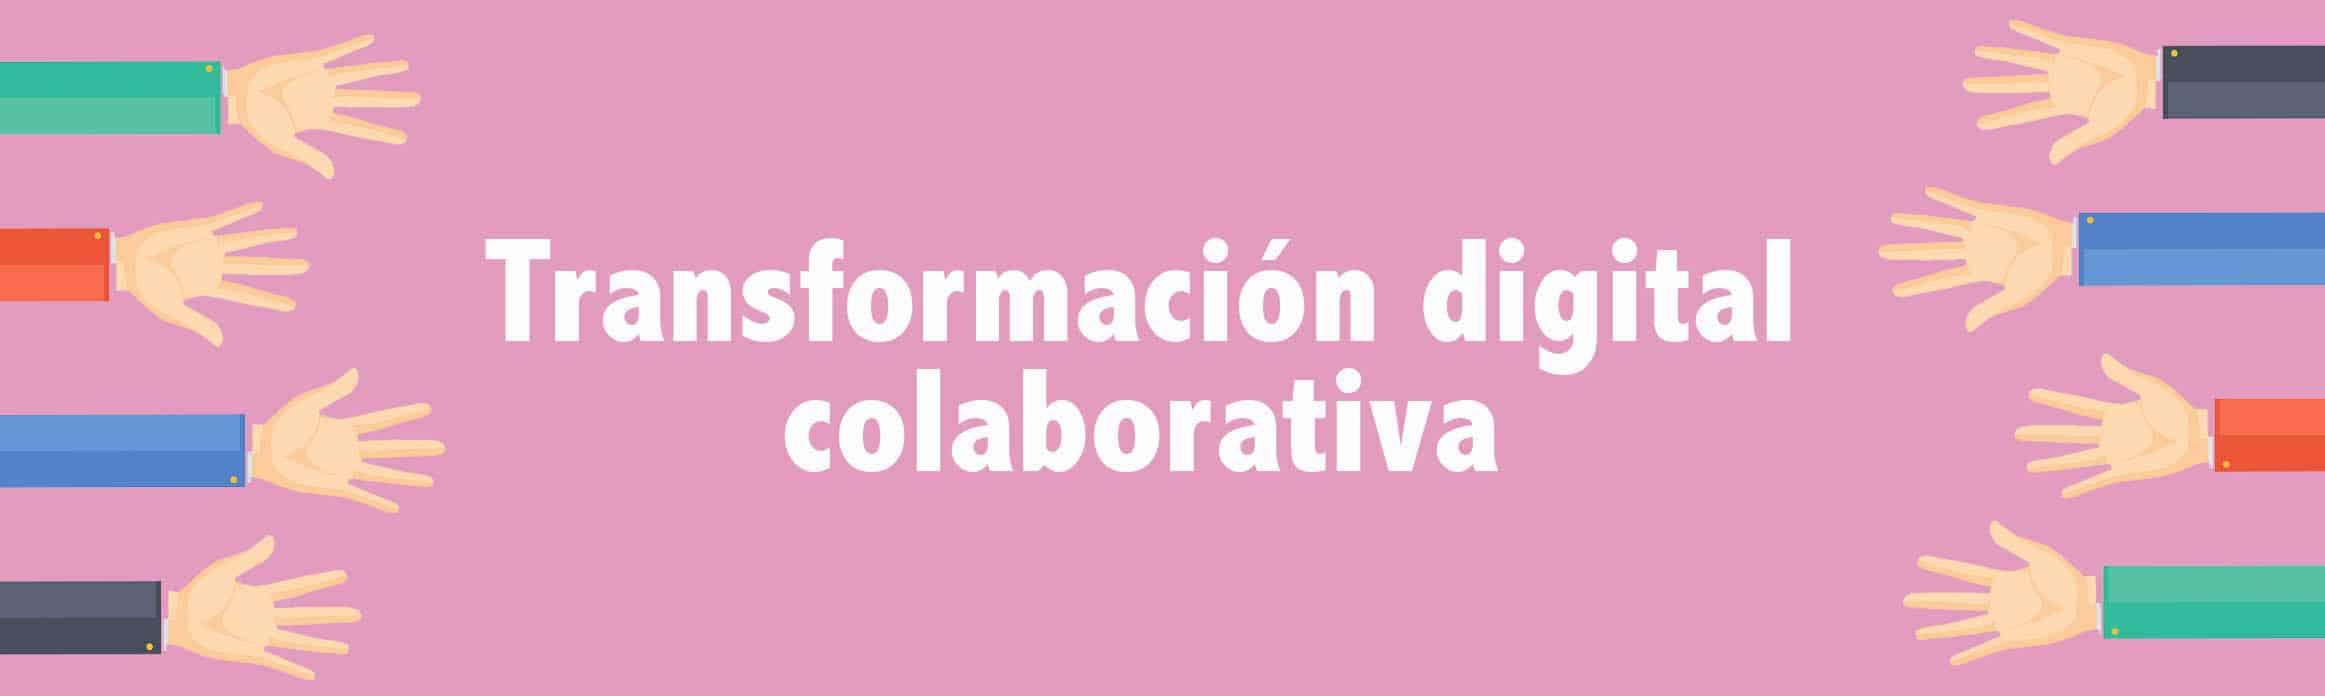 transformación digital colaborativa